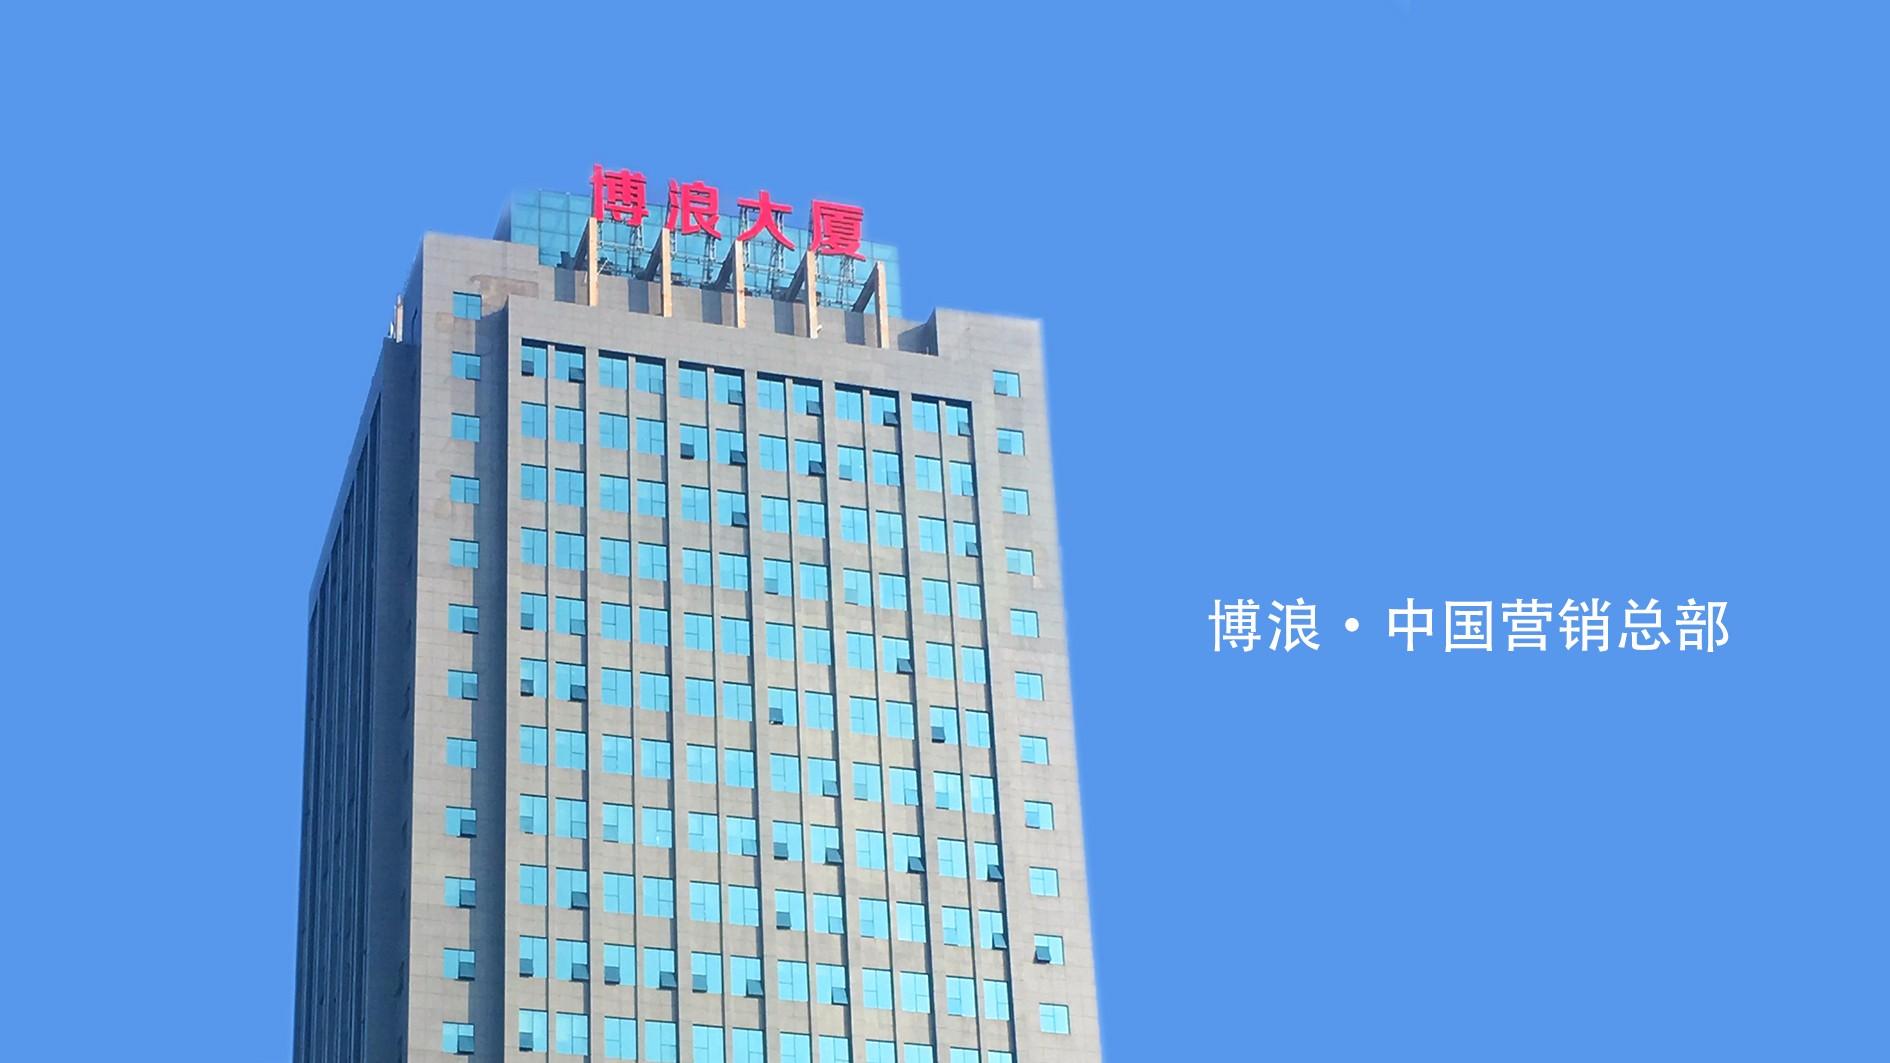 必博bbo官方网站大厦